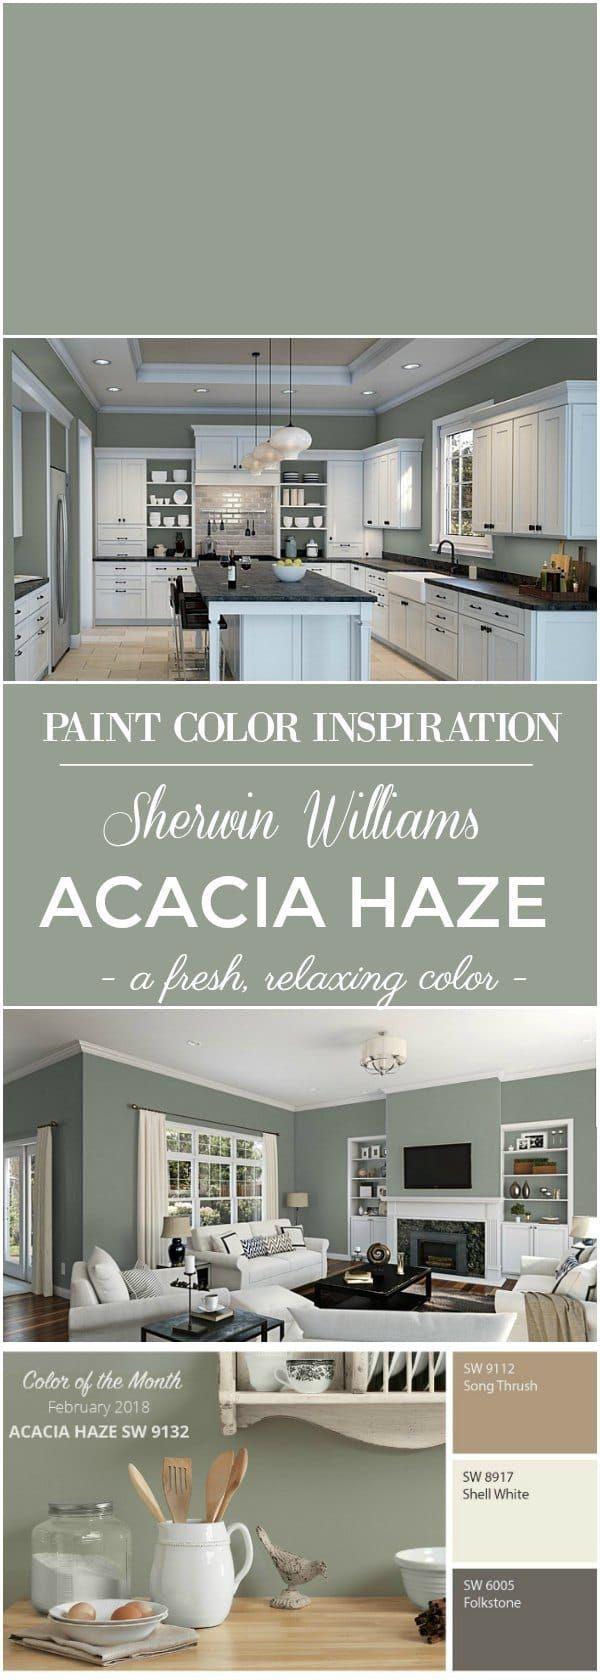 Sherwin Williams Acacia Haze Paint Color Setting For Four Paint Colors For Home Paint Colors For Living Room Room Paint Colors Room paint color inspiration